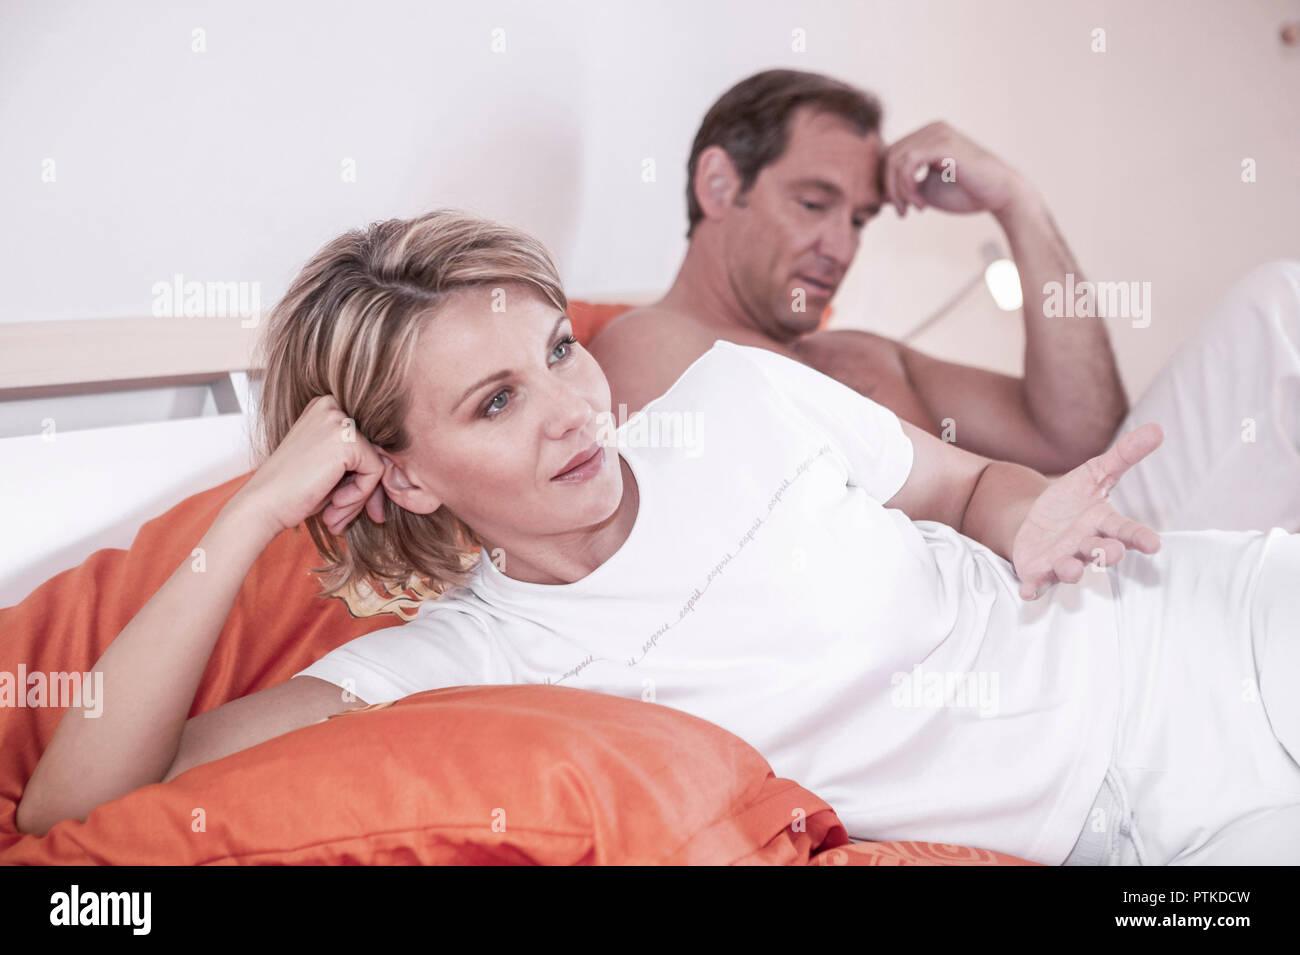 Die besten Online-Dating-Seiten uk 2012